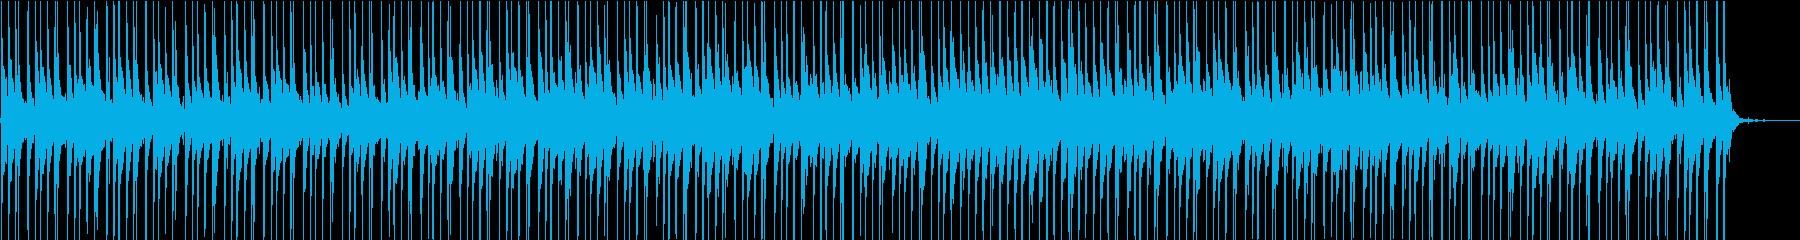 KANTリズミカル無機質BGMの再生済みの波形